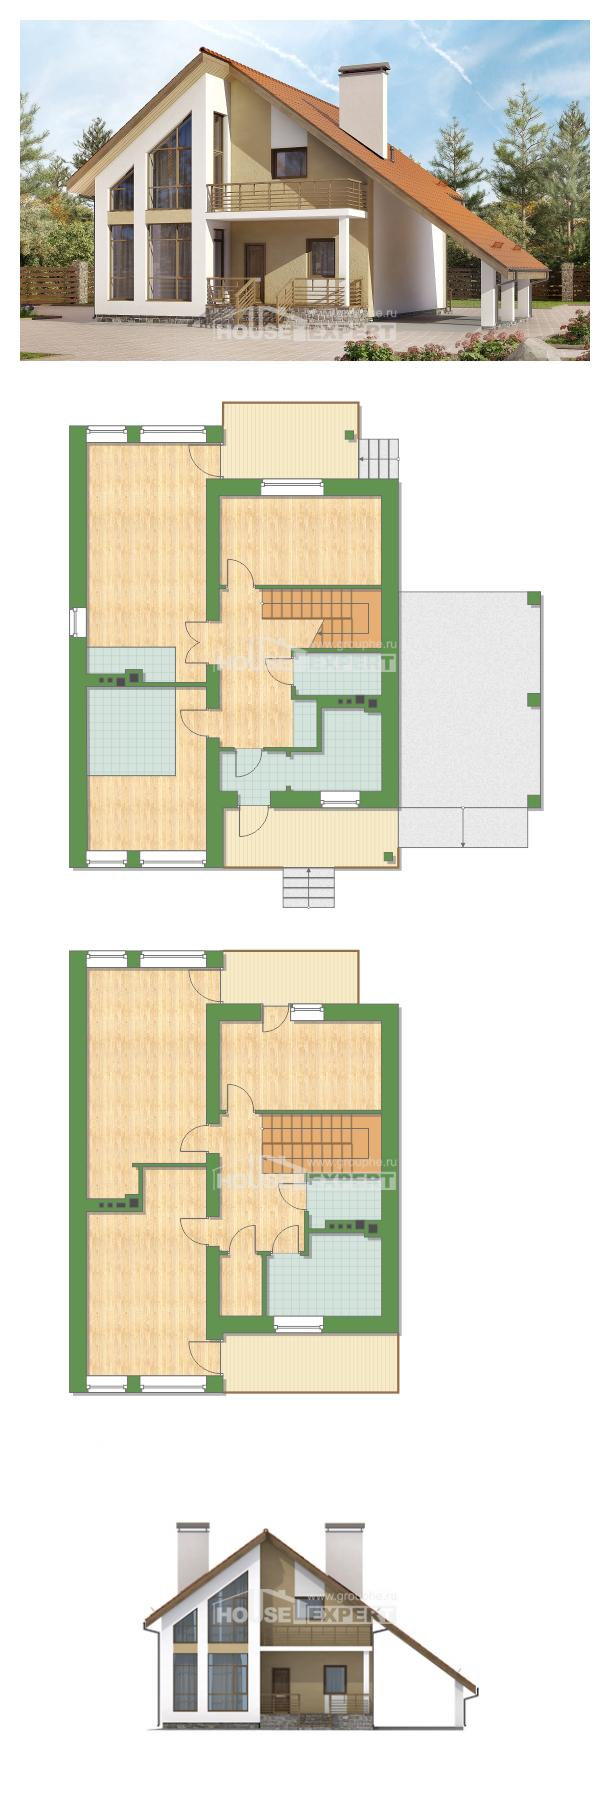 Plan 170-009-R   House Expert